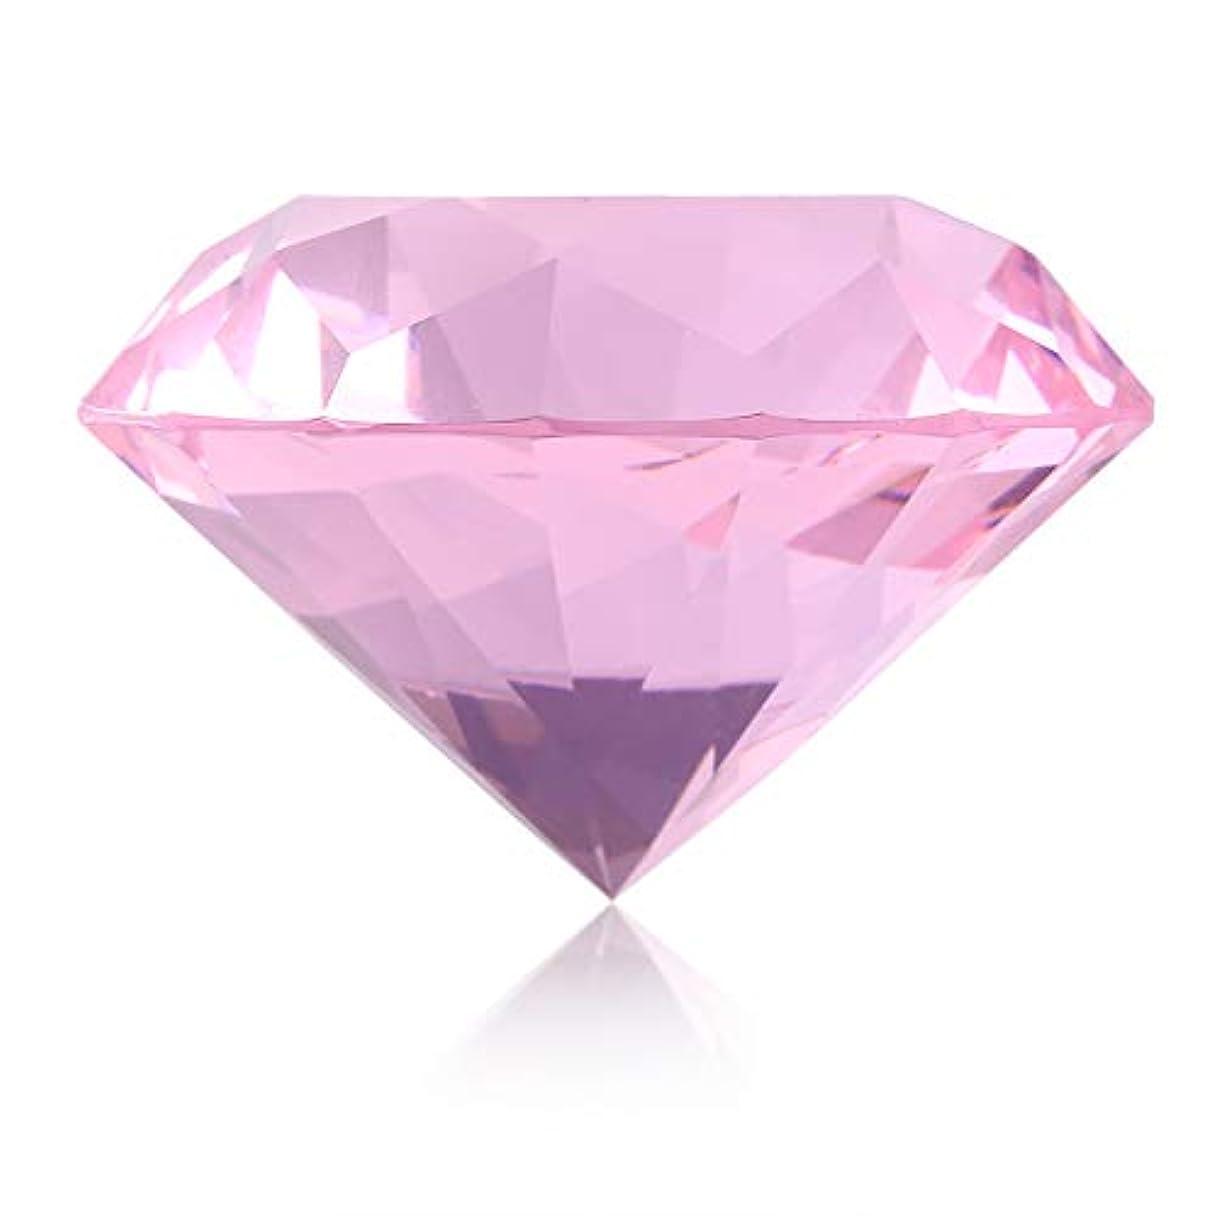 放出しなやかなダンプネイルチップスタンド スタンドベース ネイルアートディスプレイ ガラス クリスタル ダイヤモンド 撮影道具 モデル ネイルチップホルダー (ピンク)